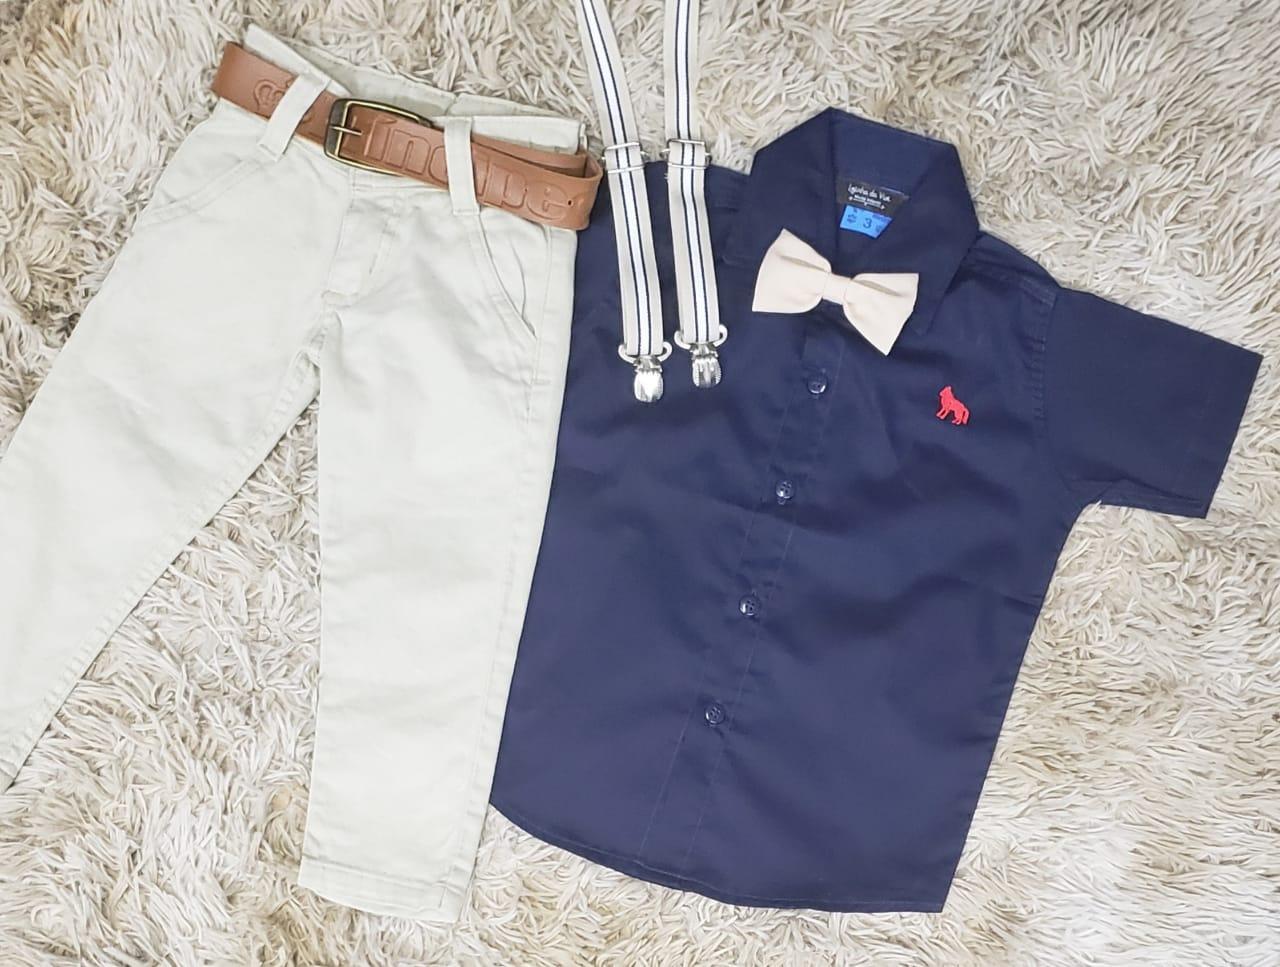 Calça Nude com Suspensório e Camisa Azul Marinho com Gravata